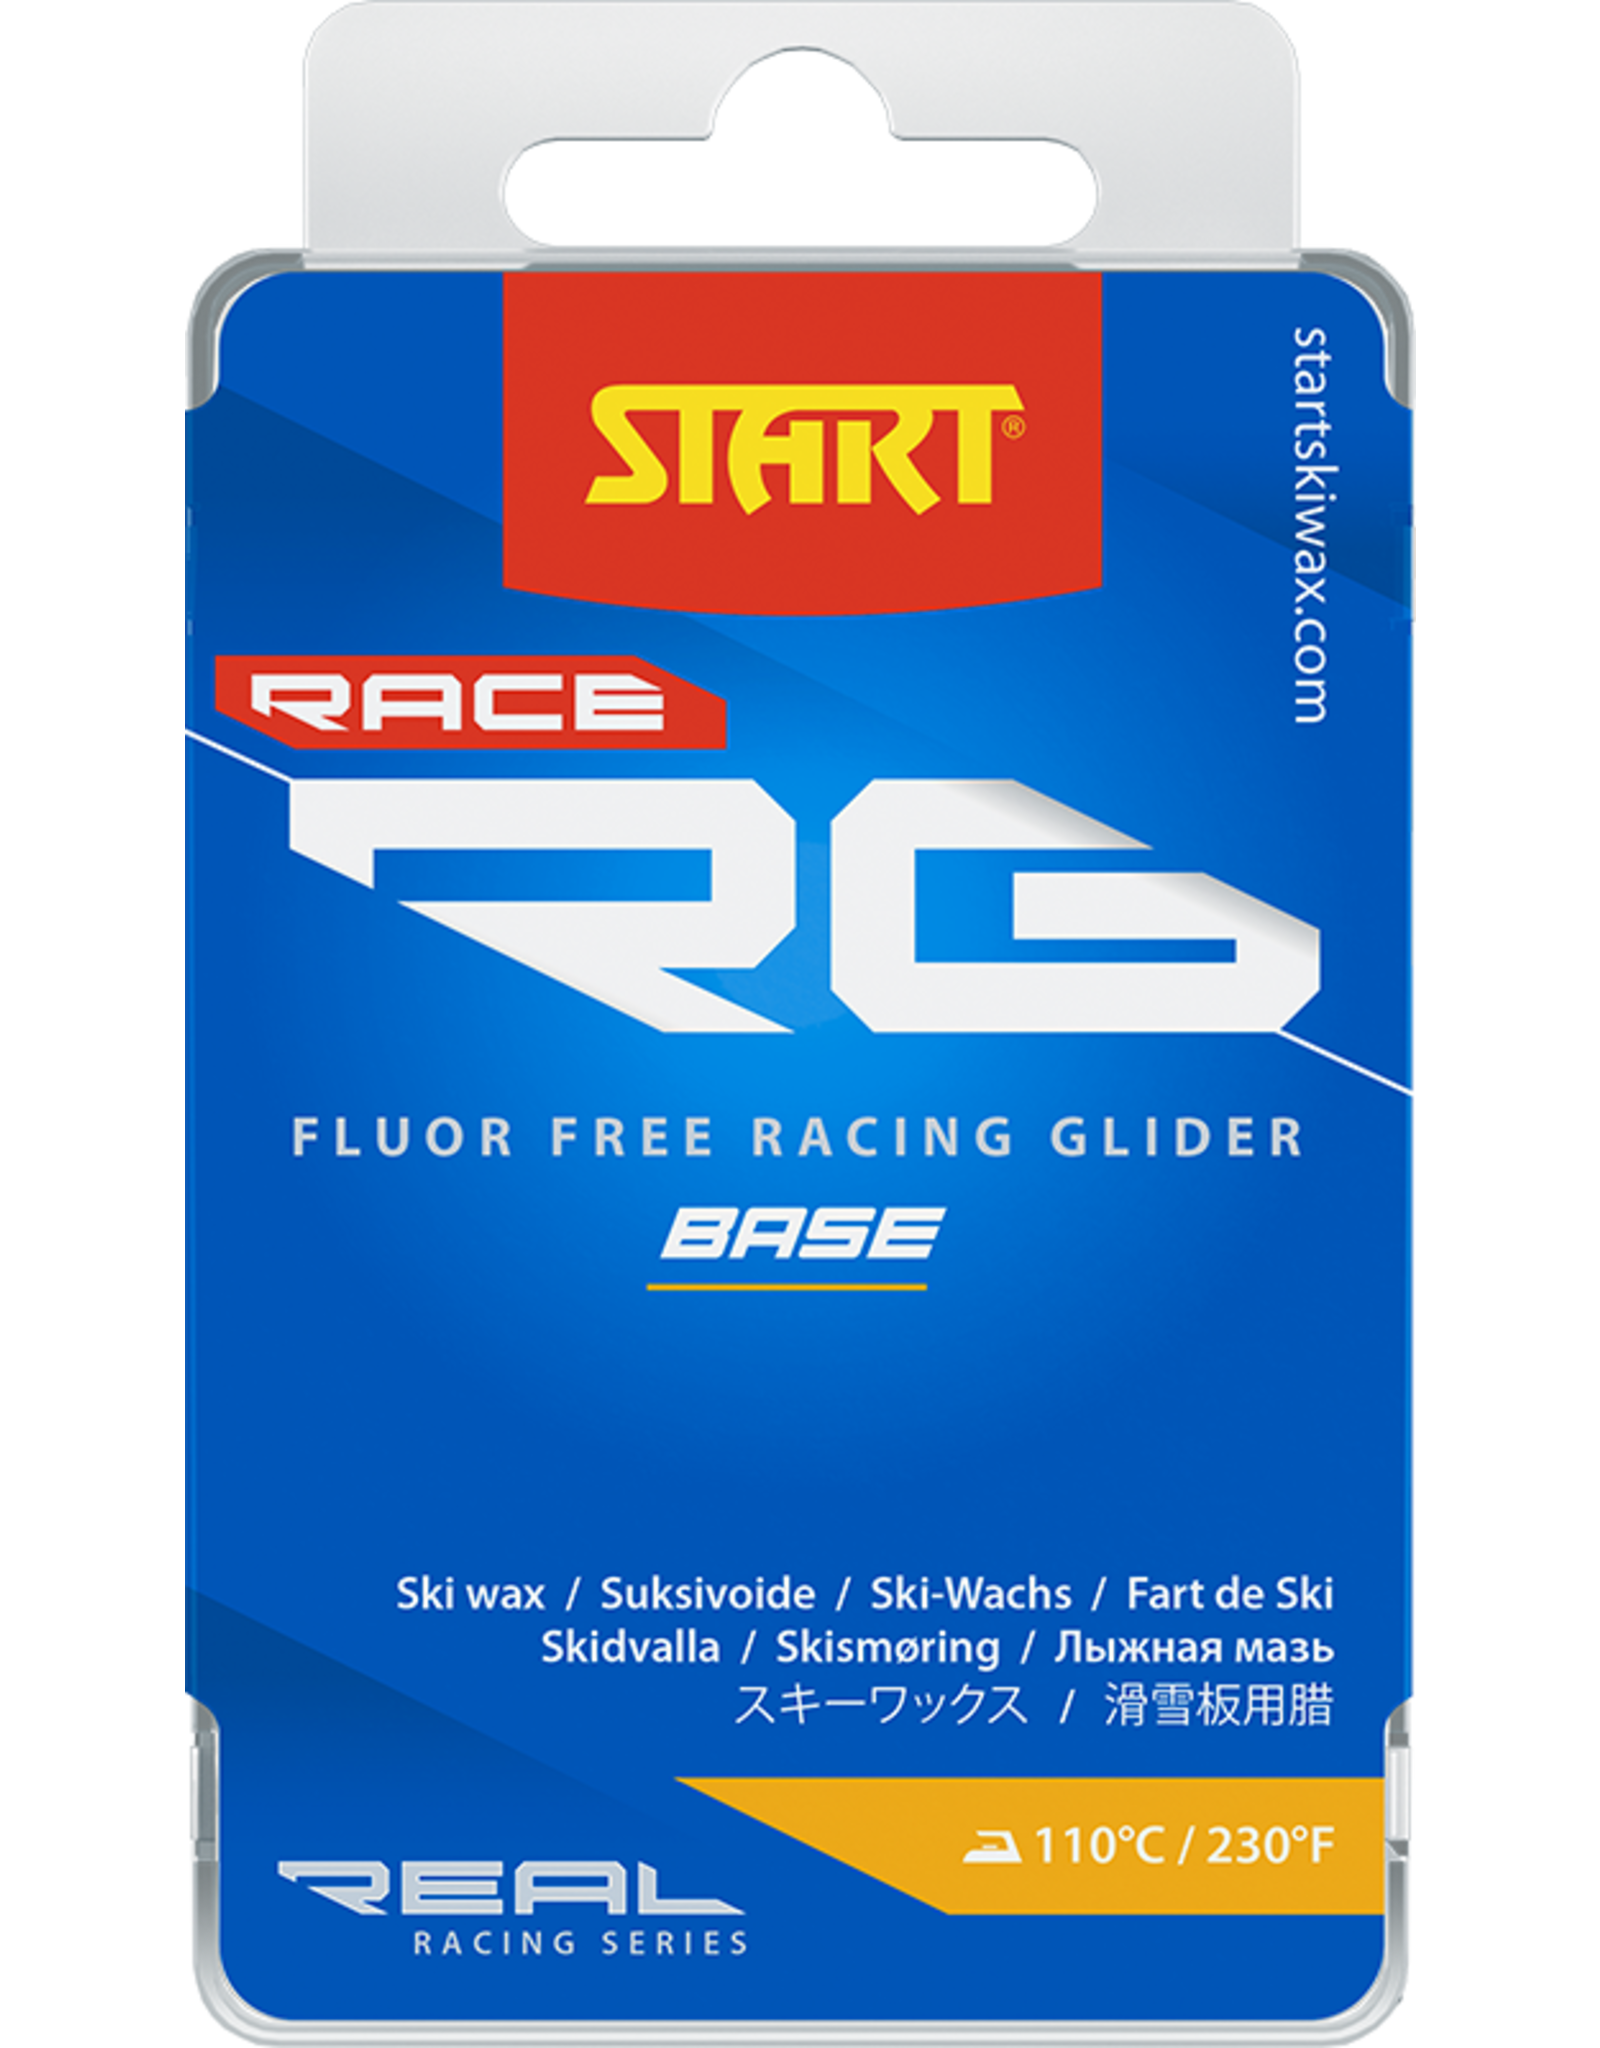 Start RG Race Base Glider 60g